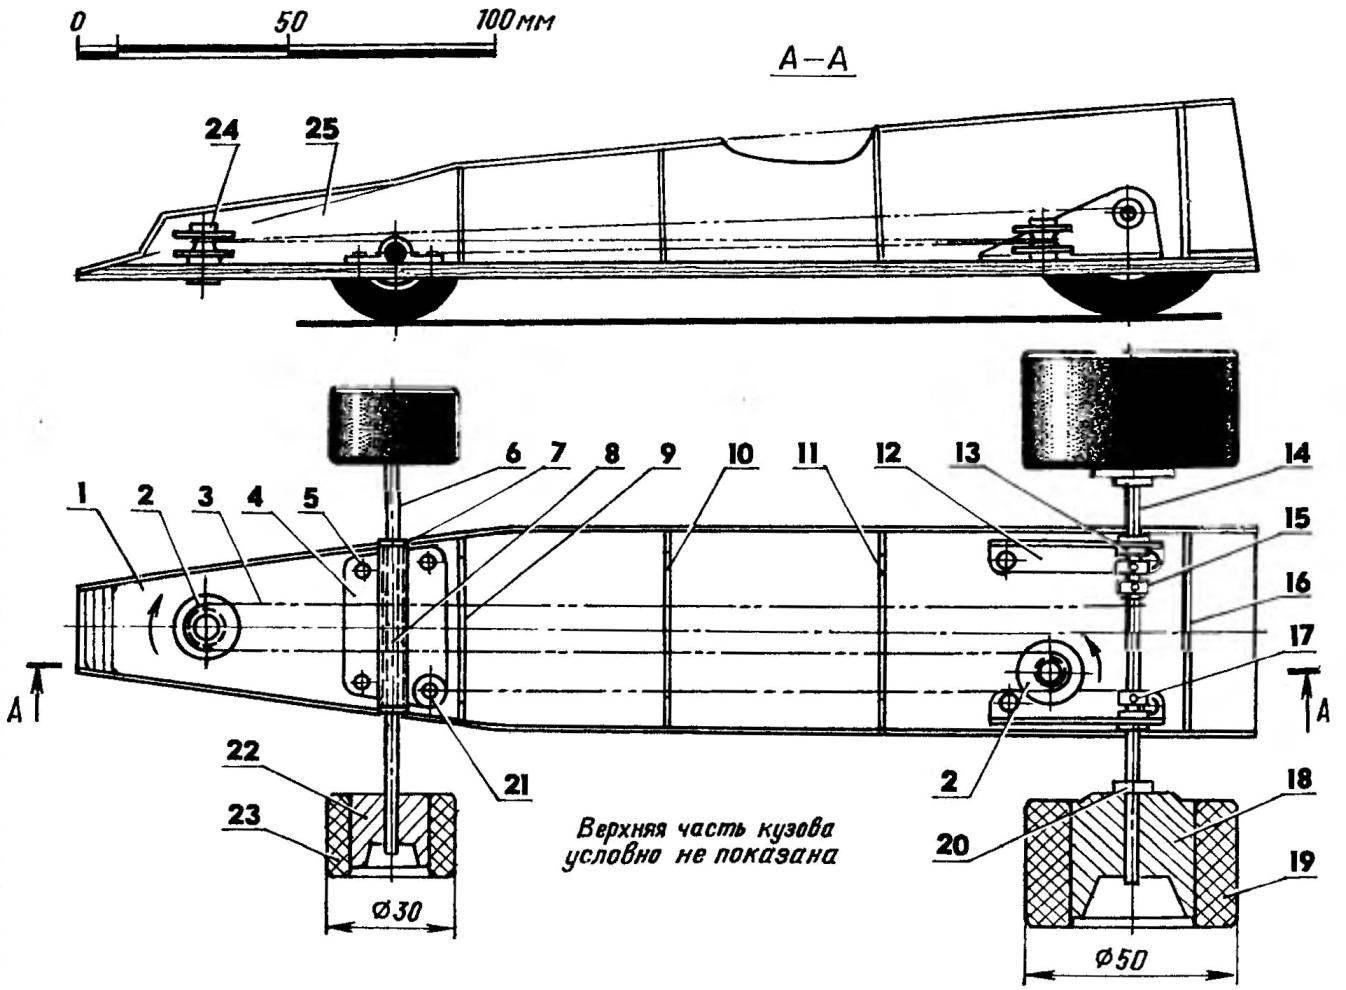 Конструкция ходовой части модели (предварительный вариант)